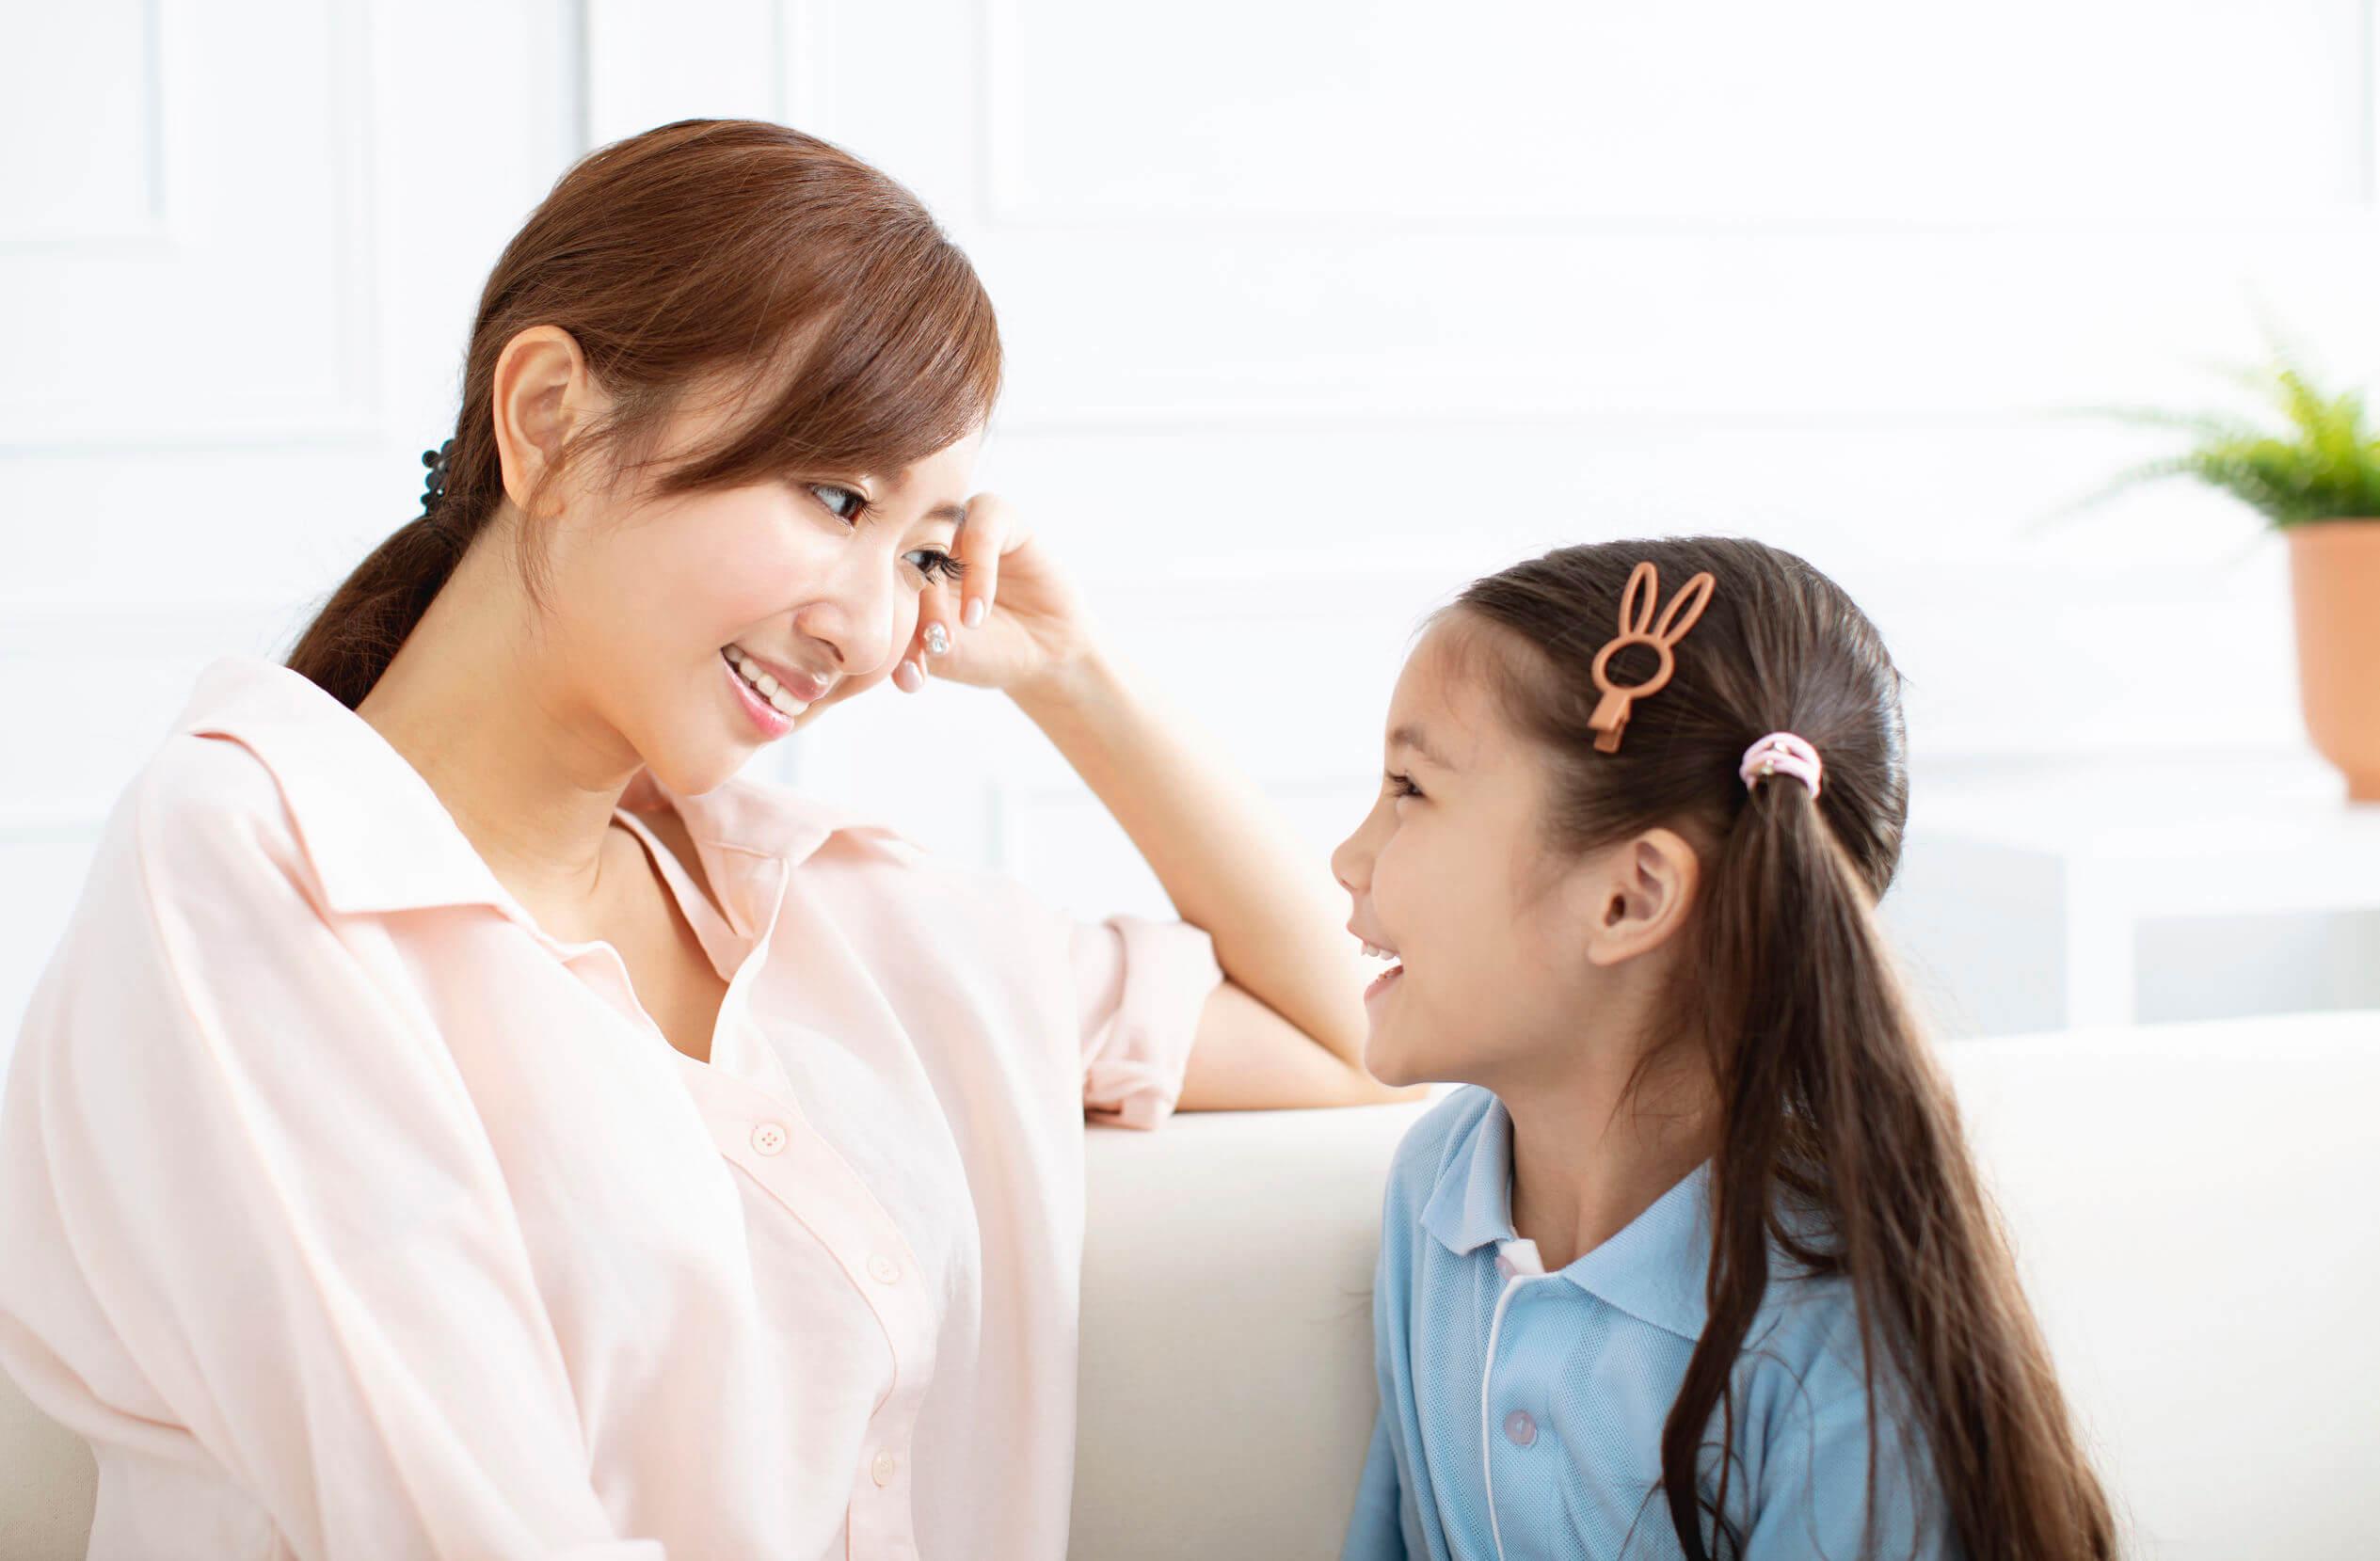 Madre hablando con su hija para estimular la memoria infantil.